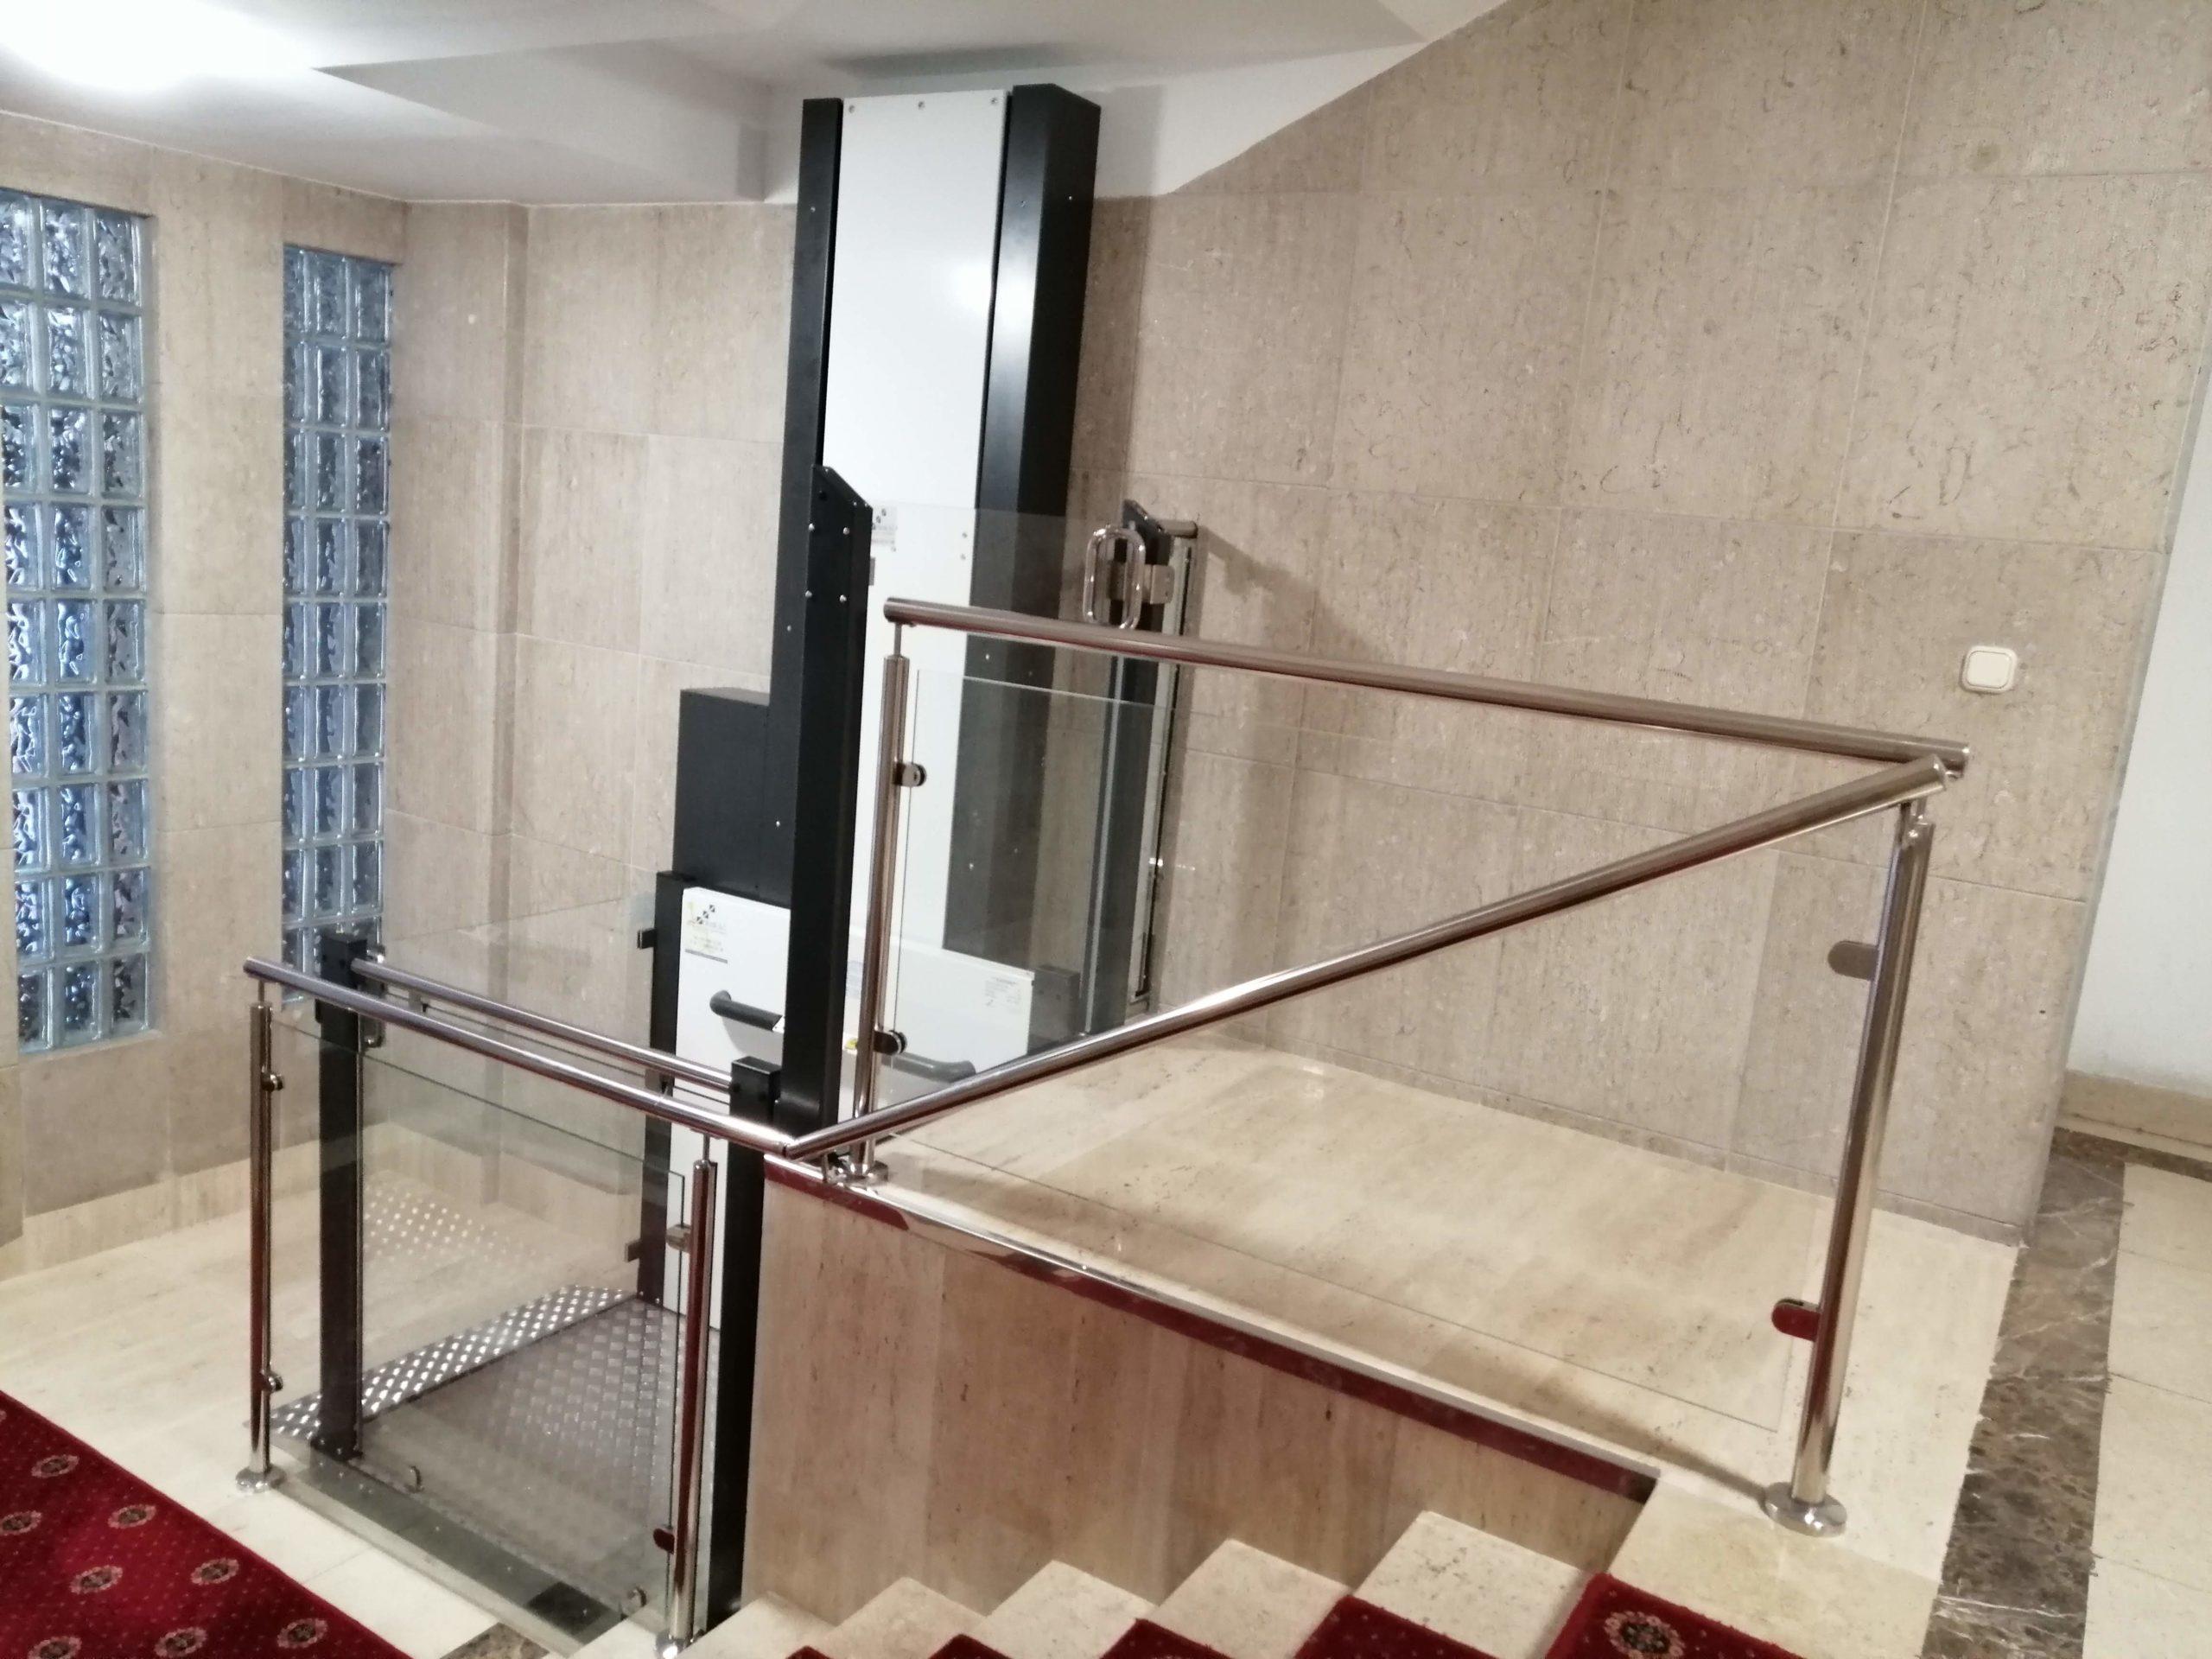 IMG_2Plataforma elevadora Vertical SVK0200107_133850